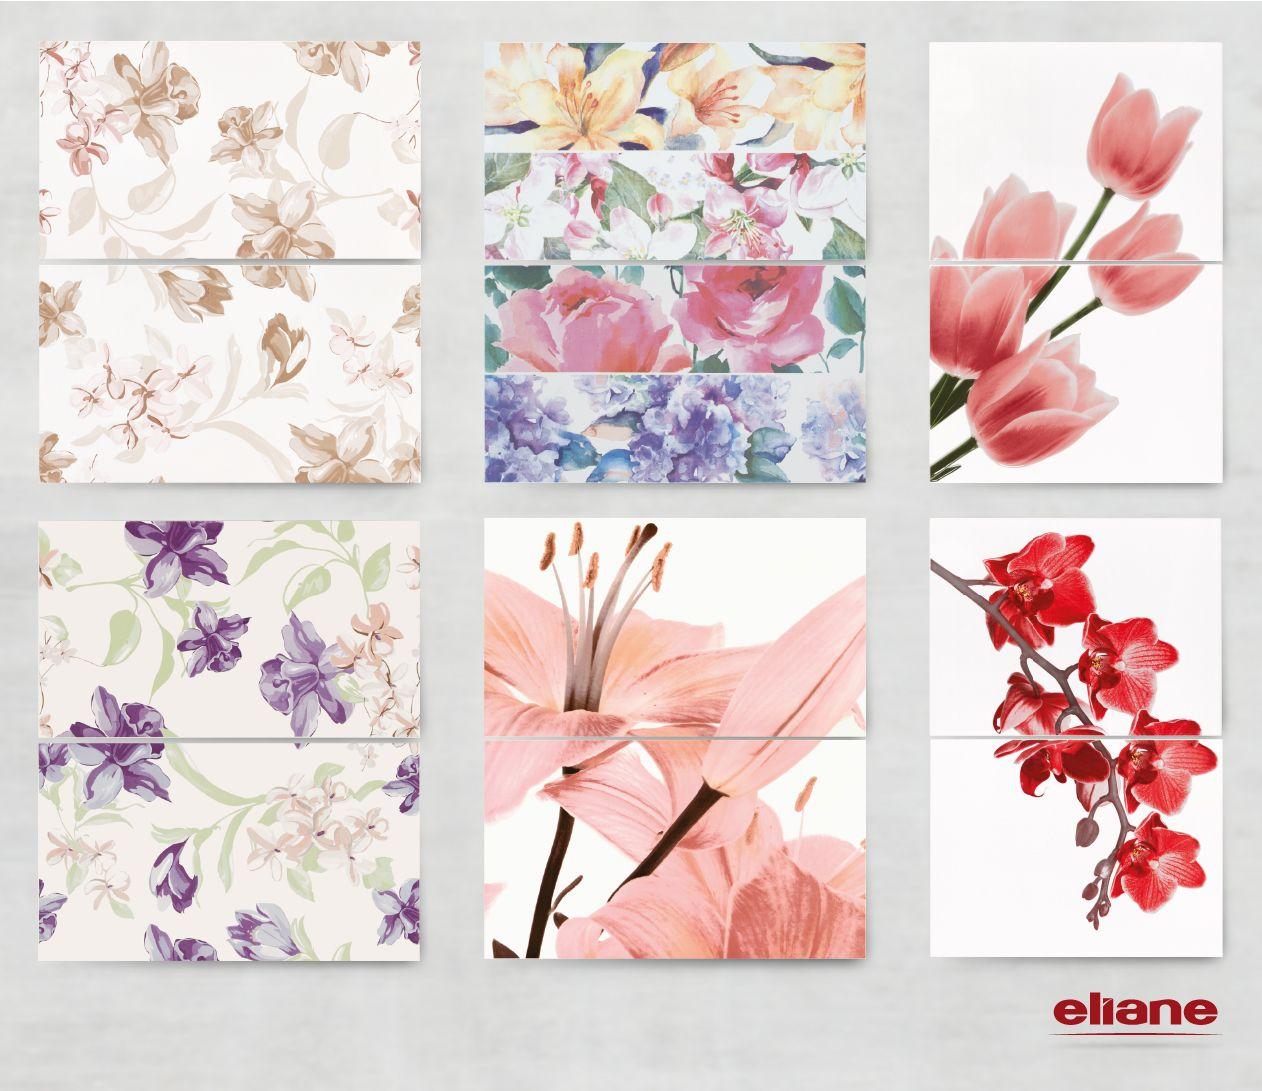 Kit bonjour nude kit nuances kit tulipa kit bonjour - Azulejos con flores ...